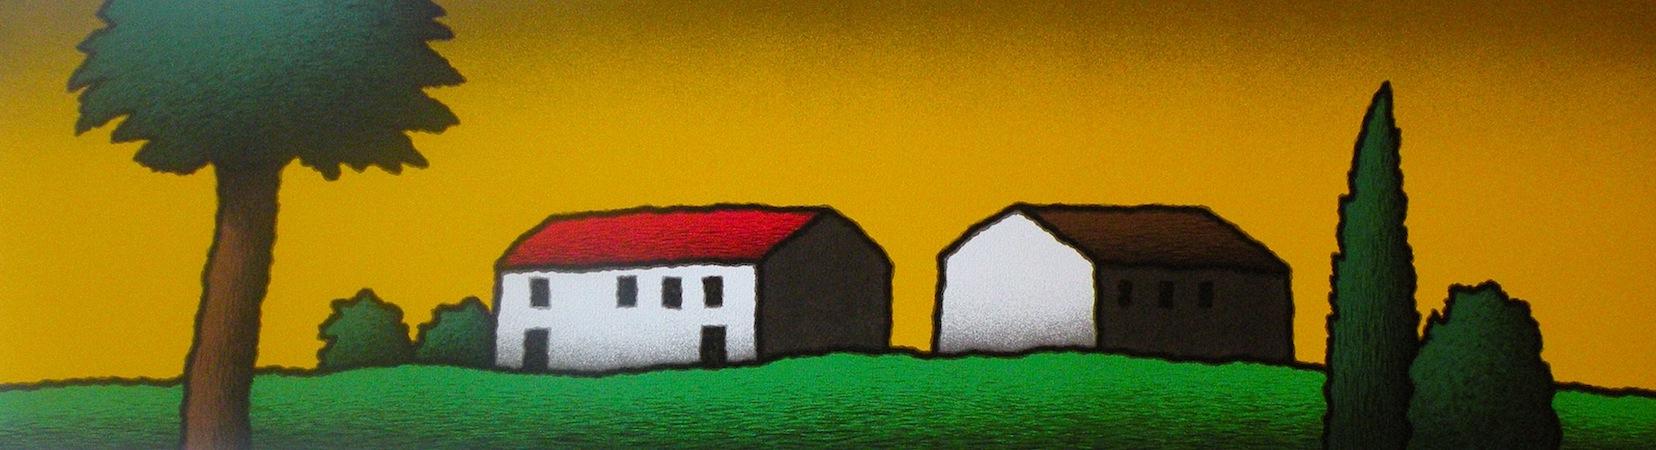 SENSI ARTE, Casolare giallo,  serigrafia su carta, cm 140 x 50 _STFT_476